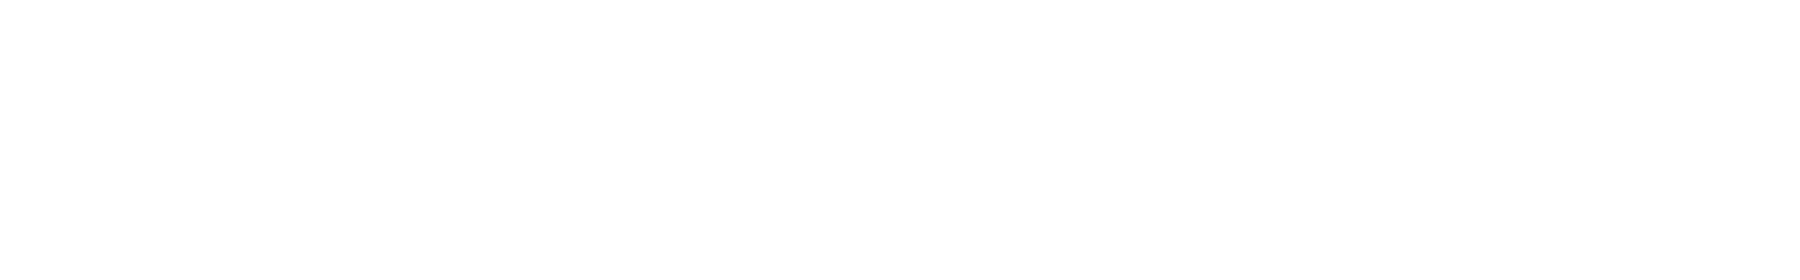 blbc electrodrums 130 04